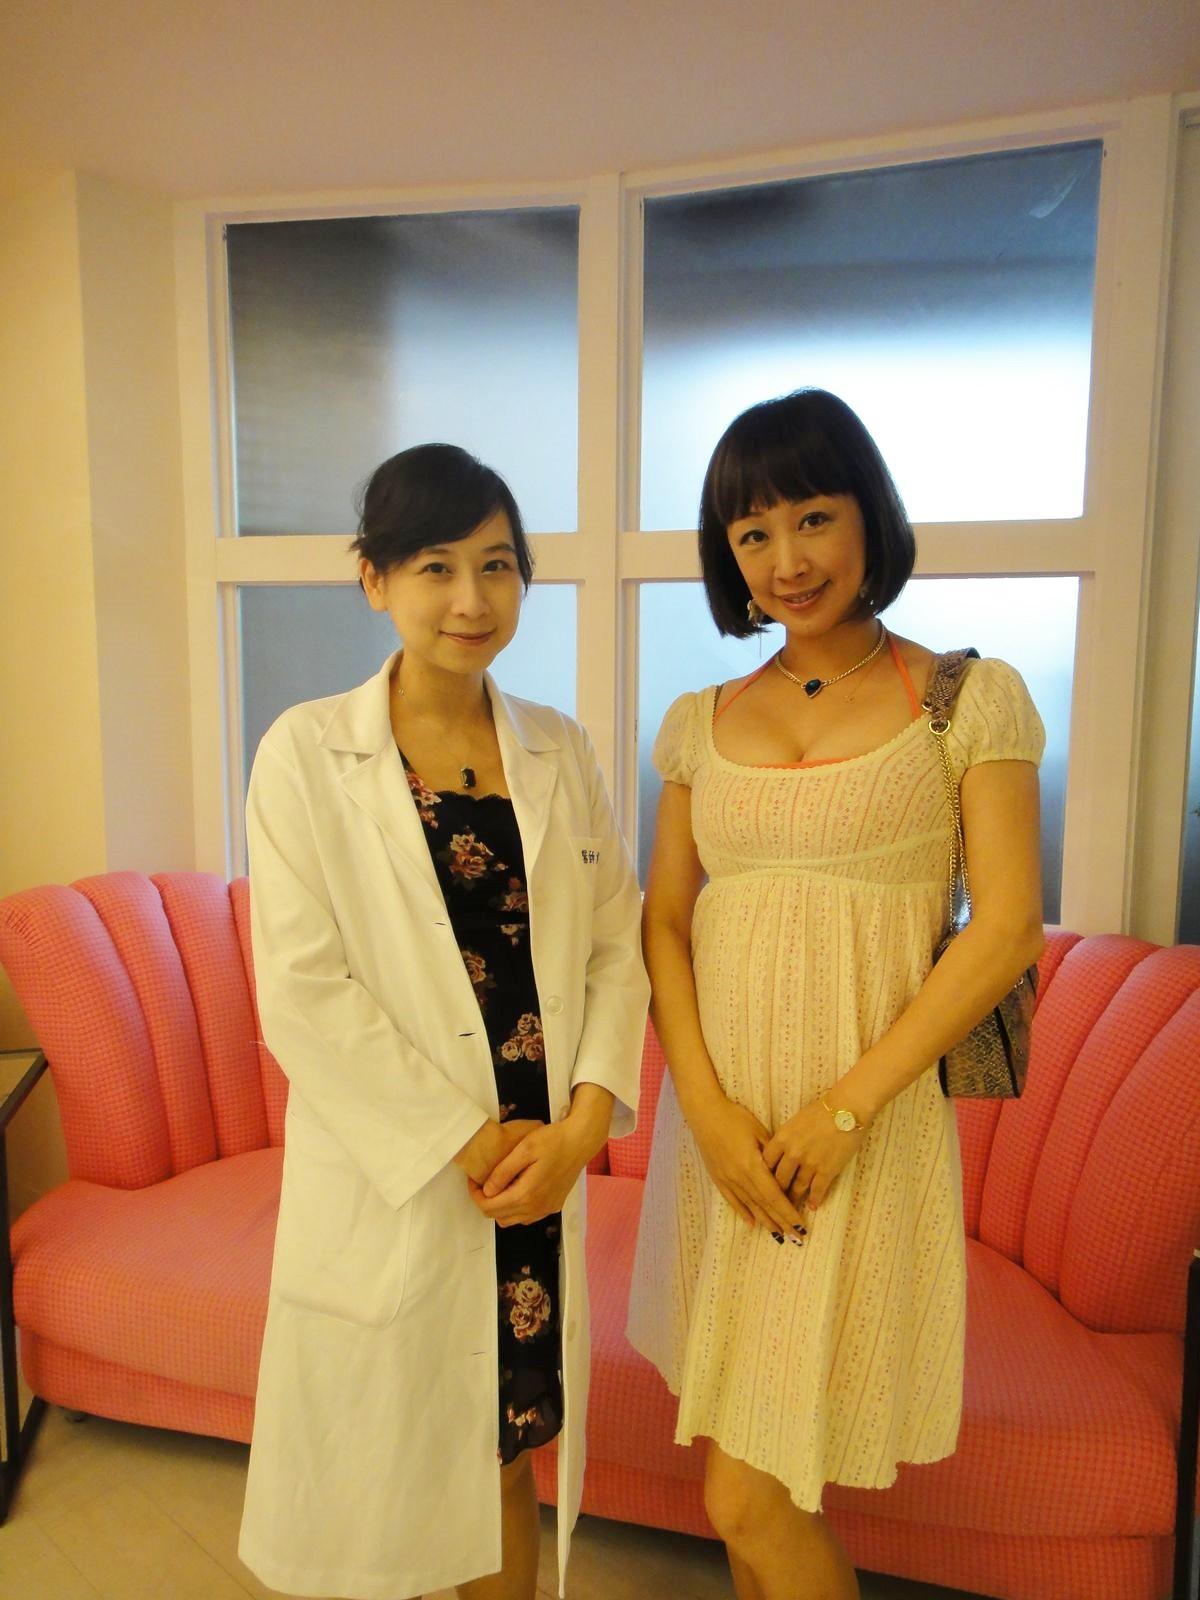 美人魚婦產科診所郭院長(左)邀請兩性時尚作家香娜(右)前往體驗